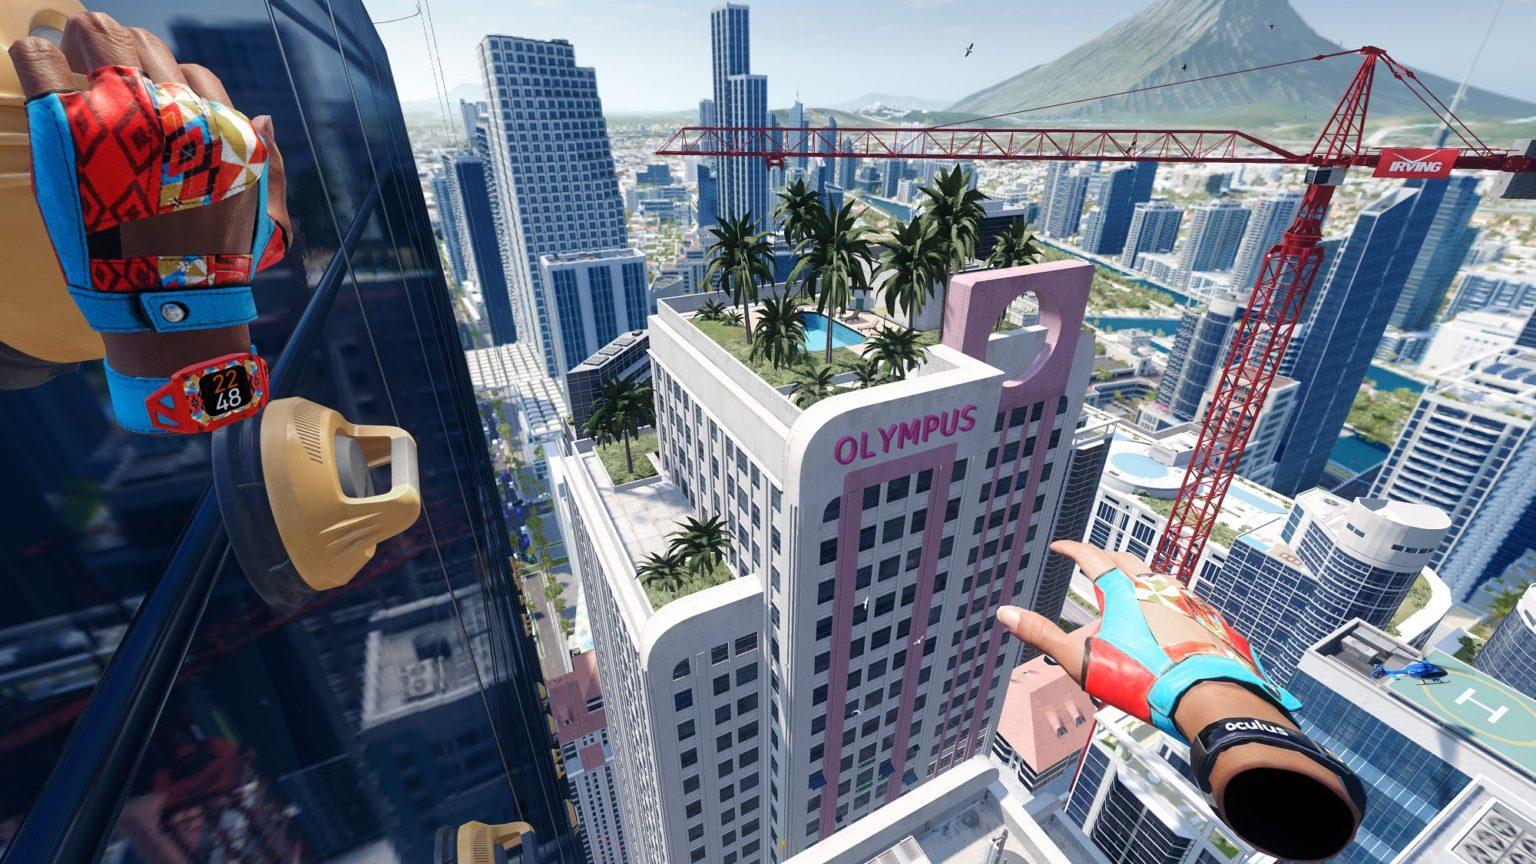 Изображение городского уровня, виден скайбокс позади и модели на переднем плане